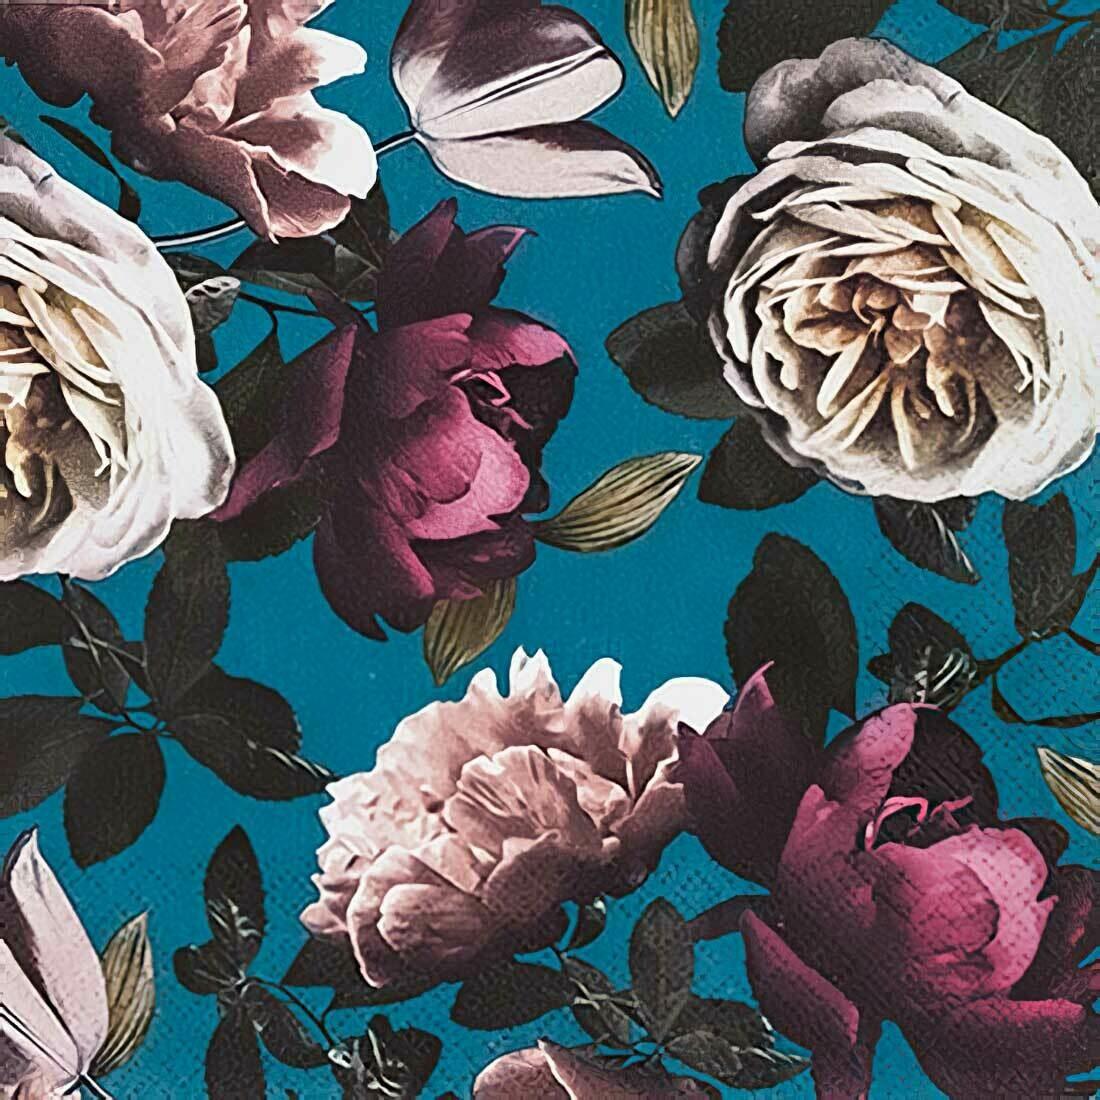 Decoupage Paper Napkins - Floral - Nobility (1 Sheet)